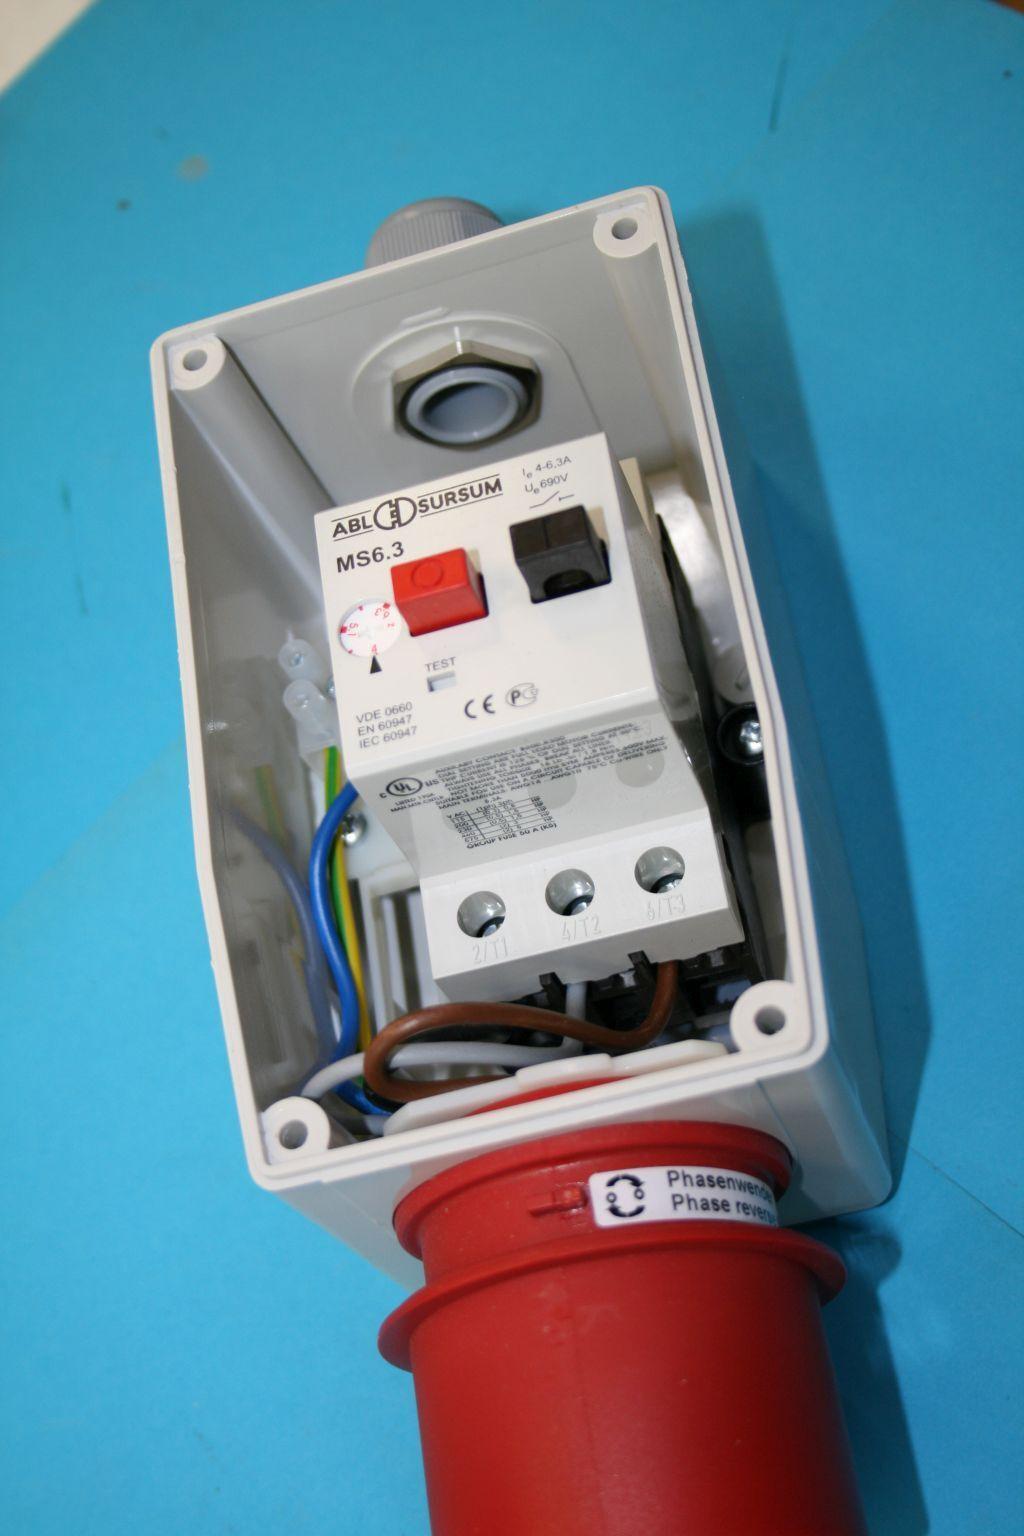 Interrupteur moteur 0,06-0,1 KW, protection moteur 0,25-0,4 0,25-0,4 0,25-0,4 a, compteur Affichage, 5x16a CEE 4f1581